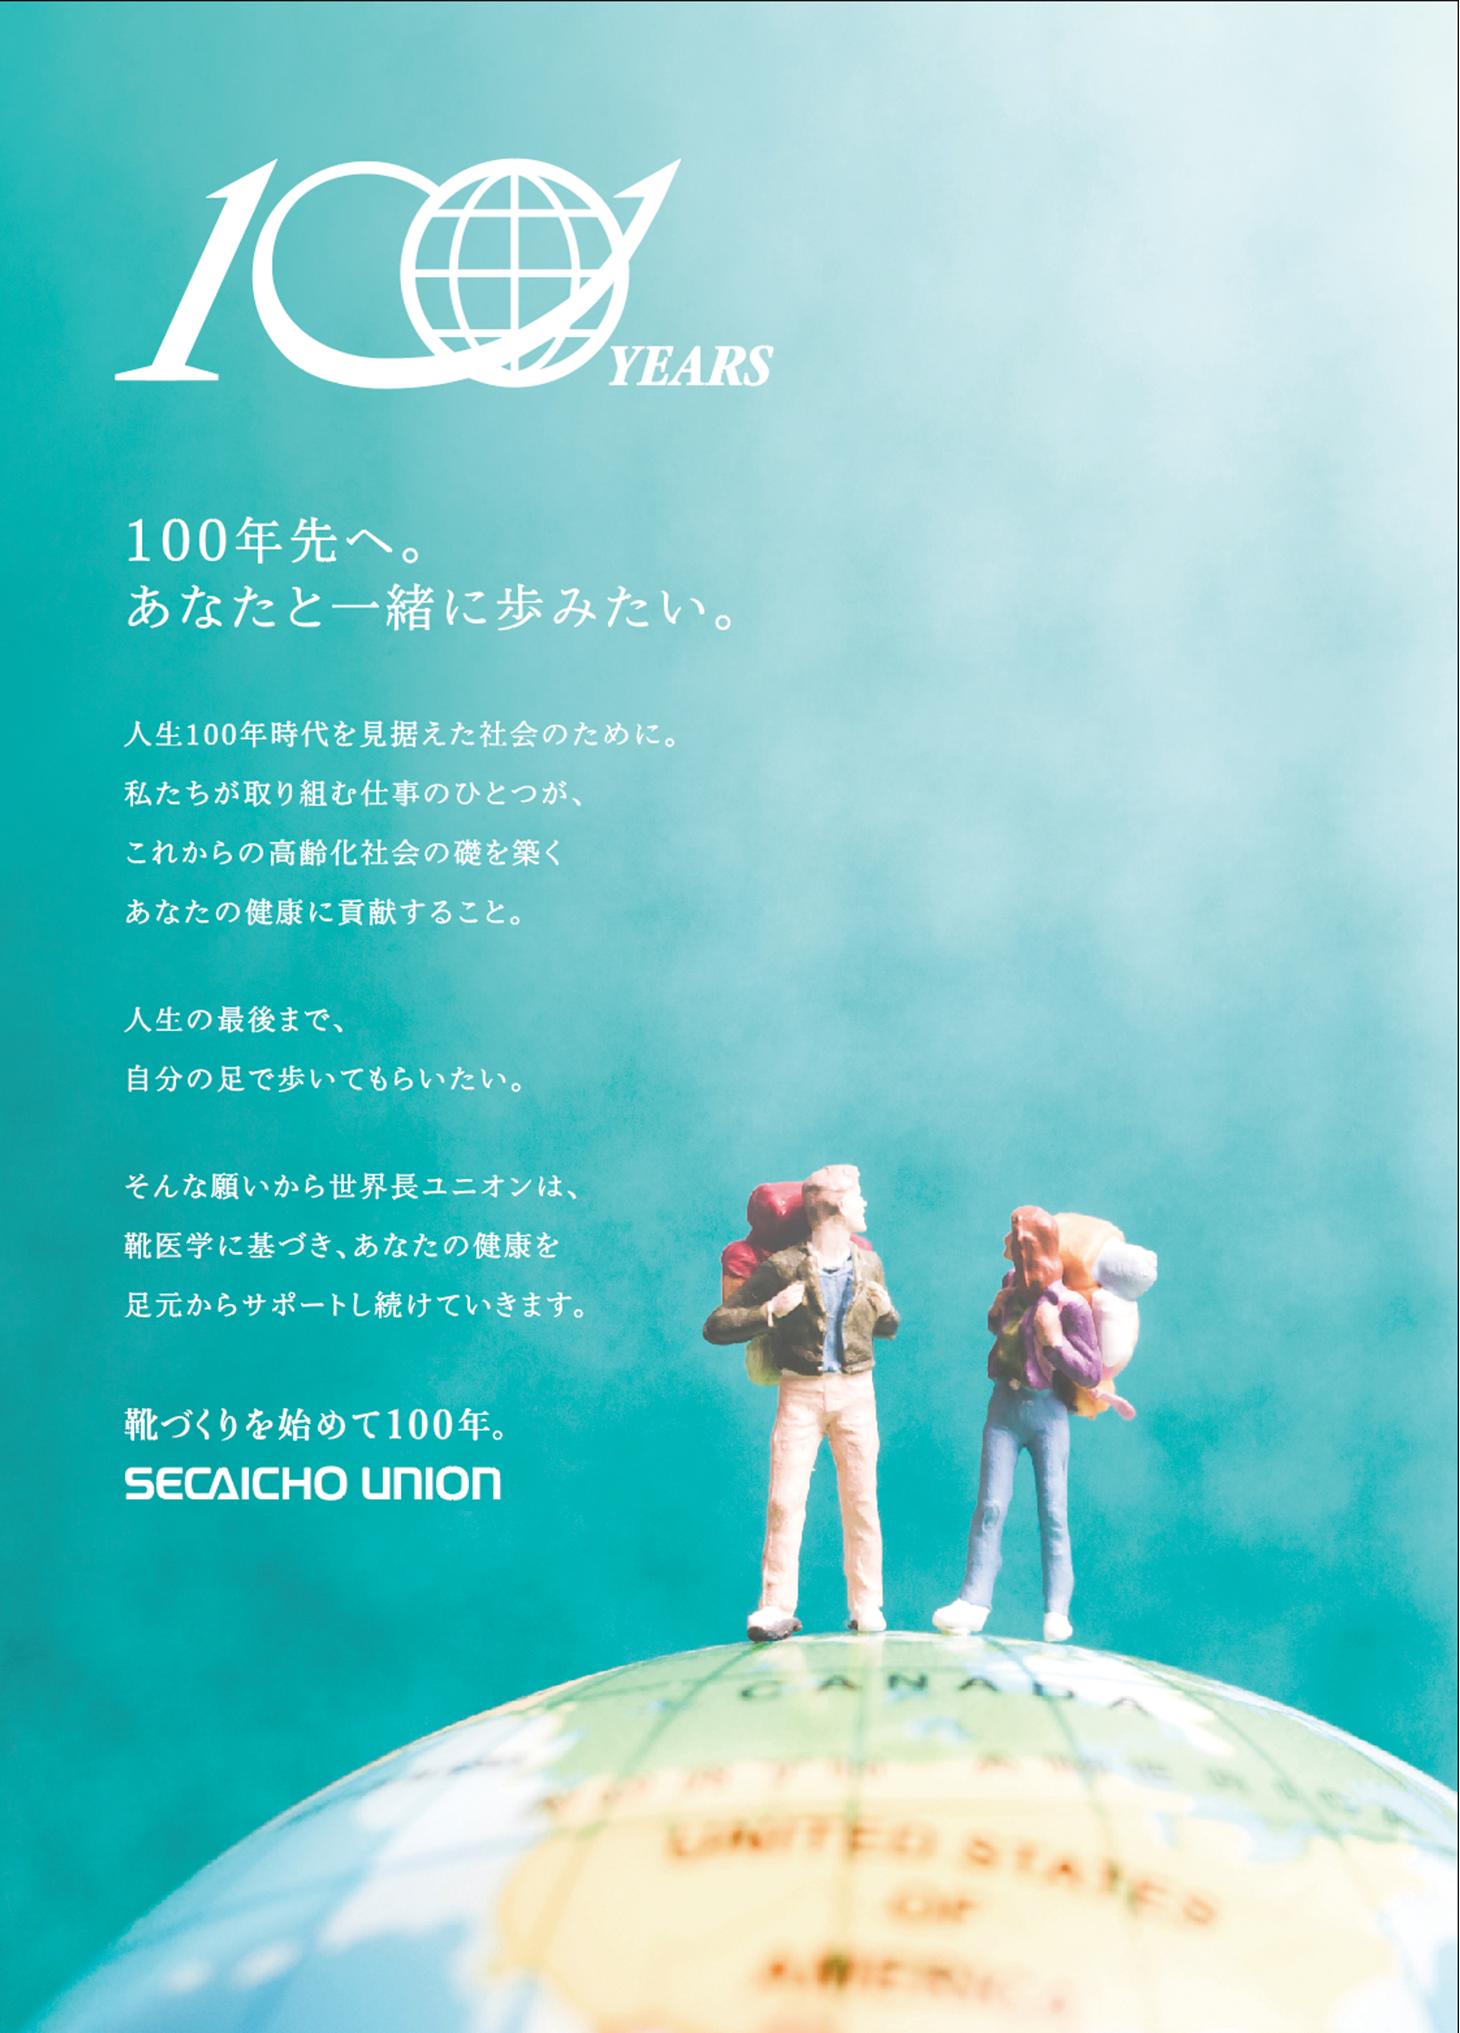 SECAICHO 100年 / 広告ポスター1